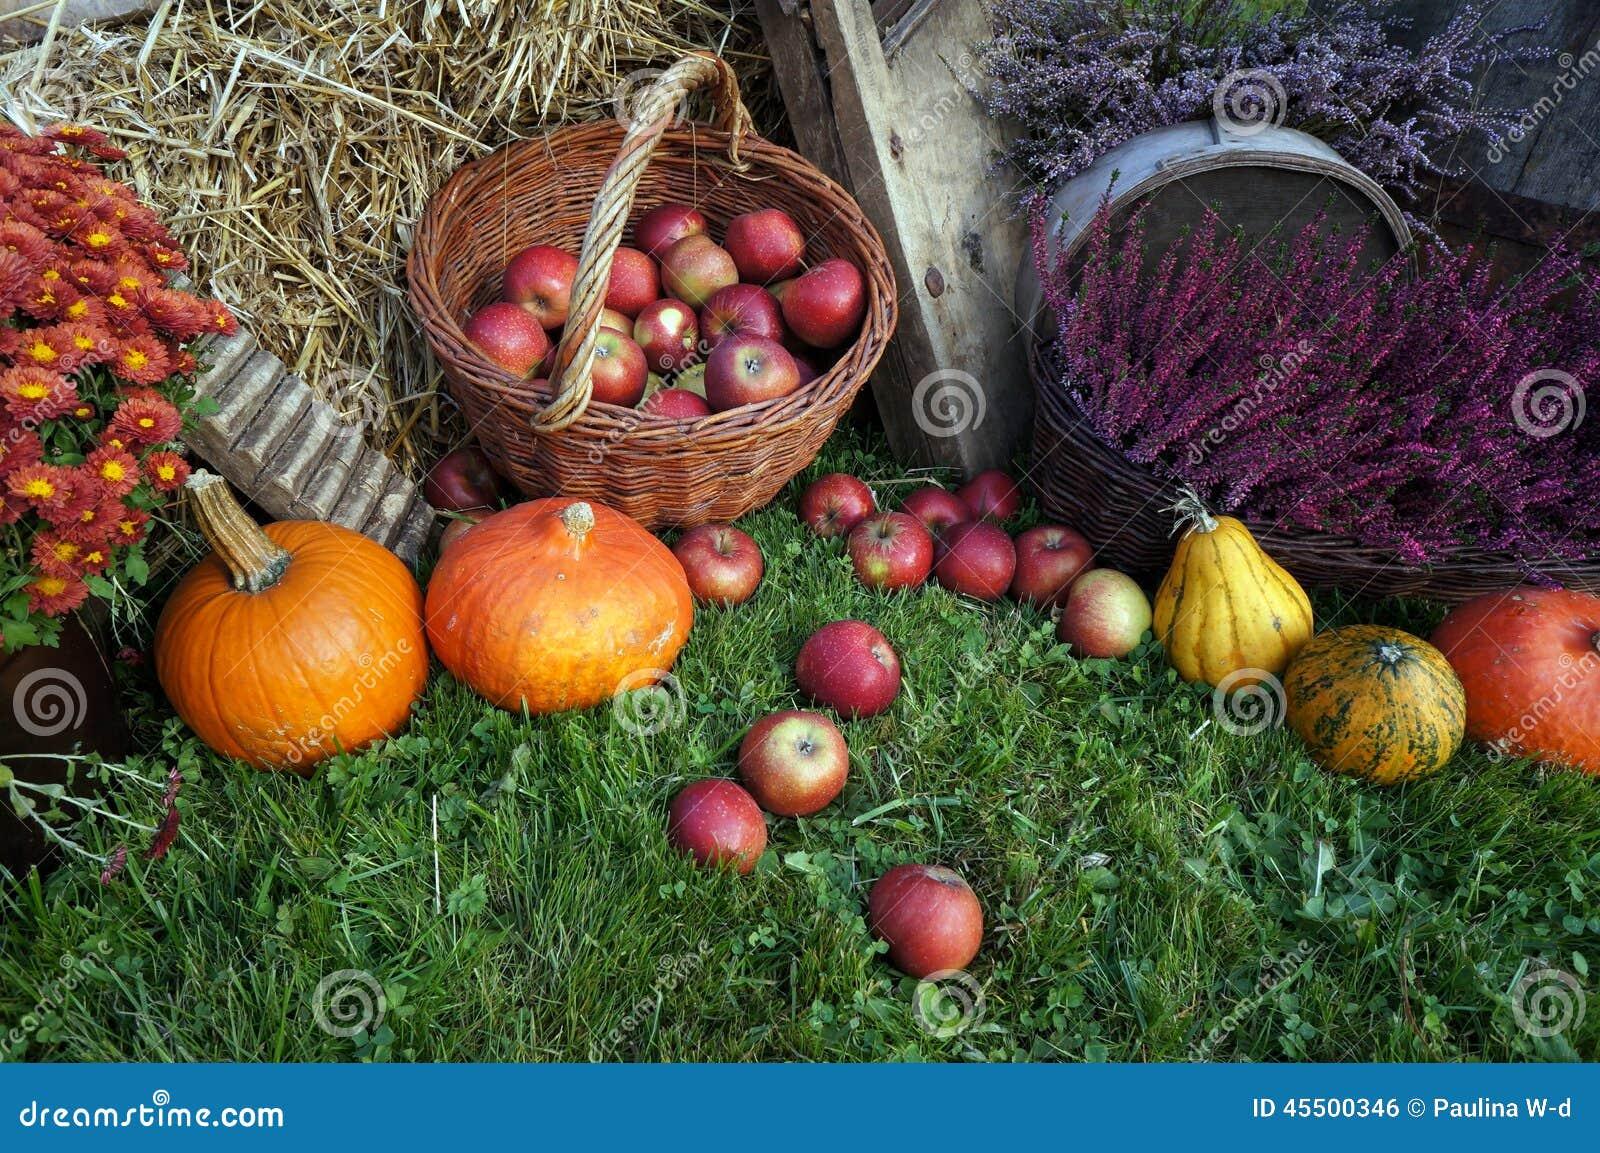 Herbstdekorations-, Rote und Grüneäpfel in einem Weidenkorb auf Stroh, Kürbisen, Kürbis, Heideblumen und Chrysanthemenblumen